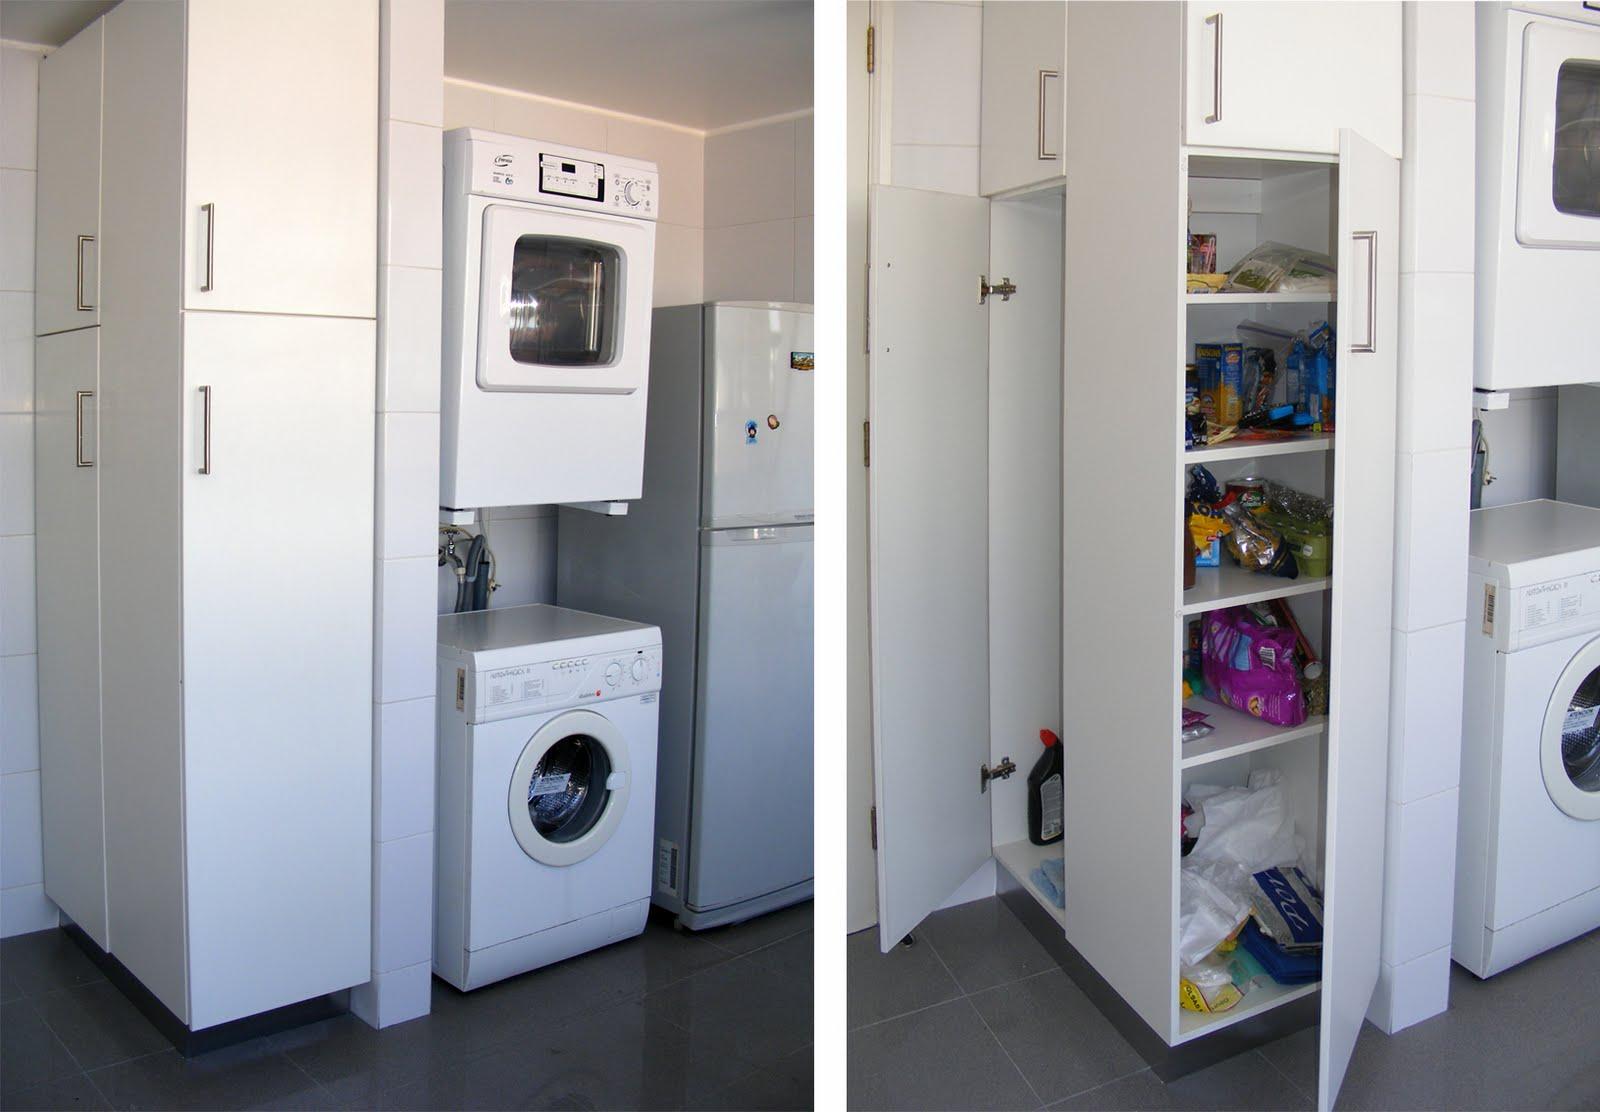 Plus ayd espacio multifuncional en la cocina - Mueble despensa cocina ...